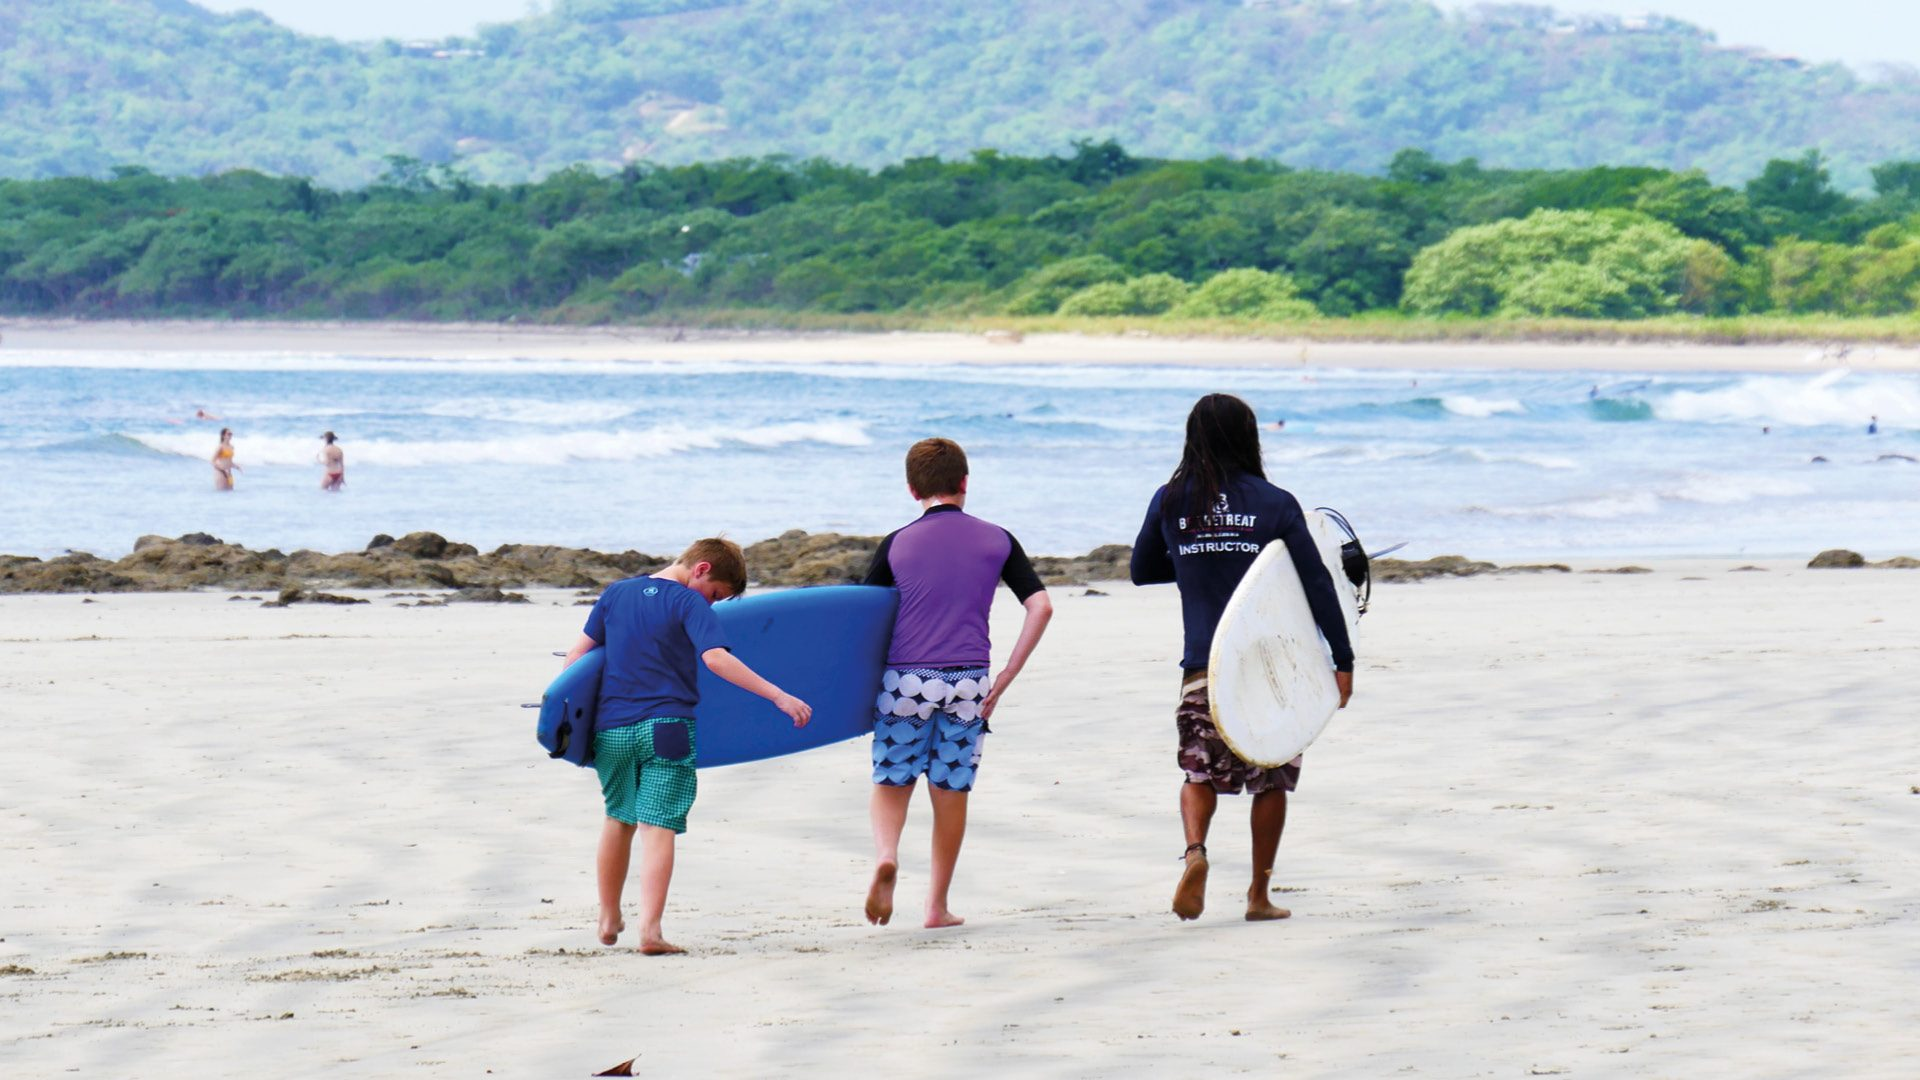 beste reistijd costa rica surfseizoen